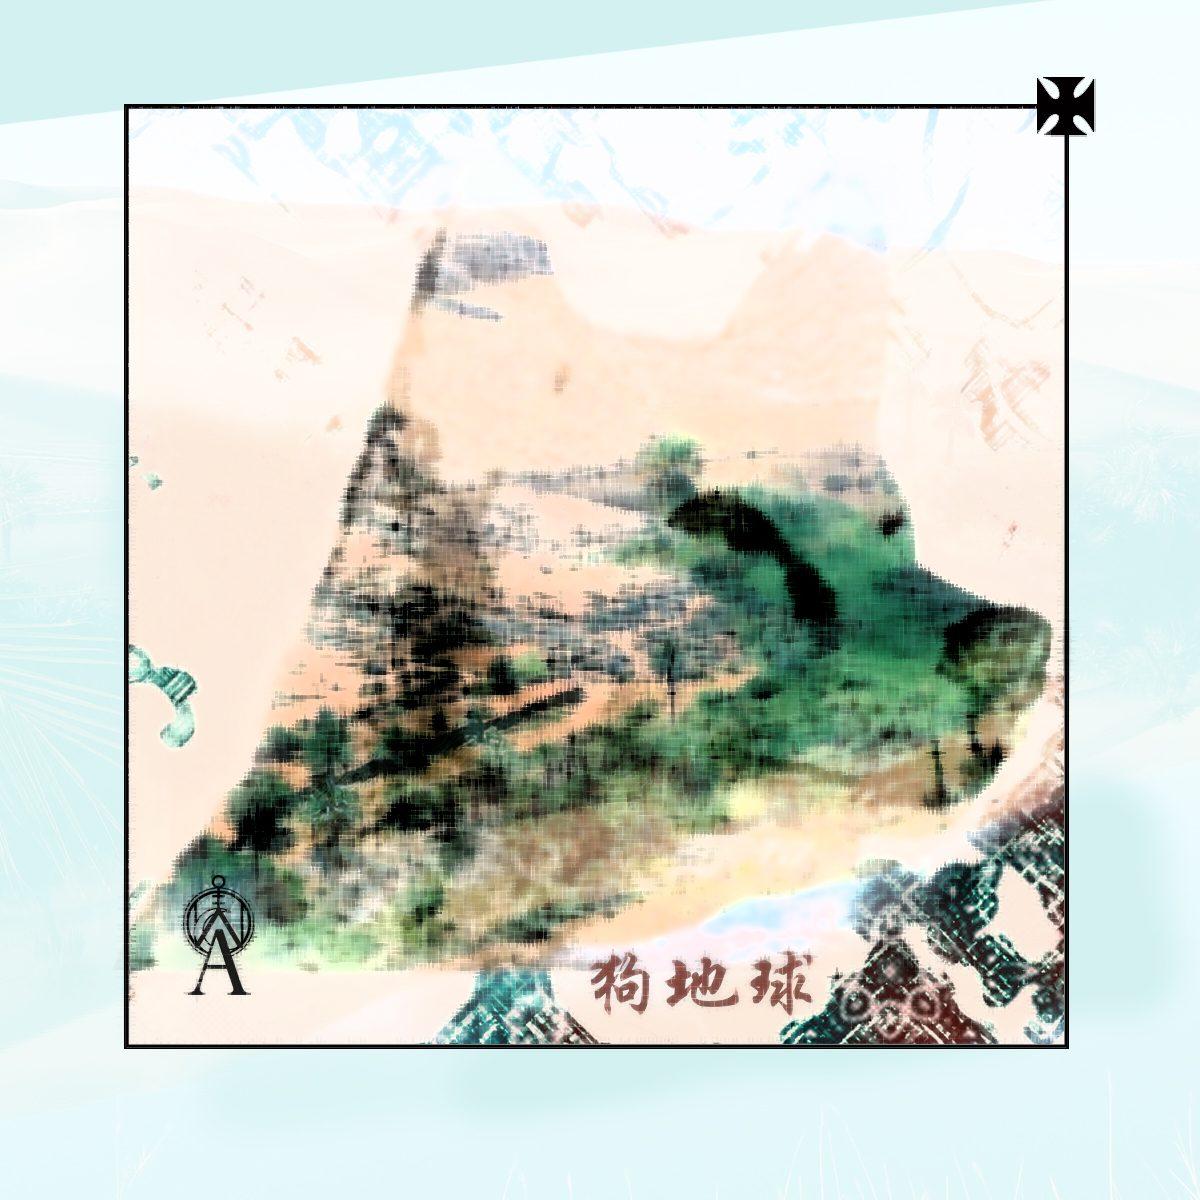 amulet-foulard-couverture-chien-de-terre-foulard-atlas-oasis-estampe